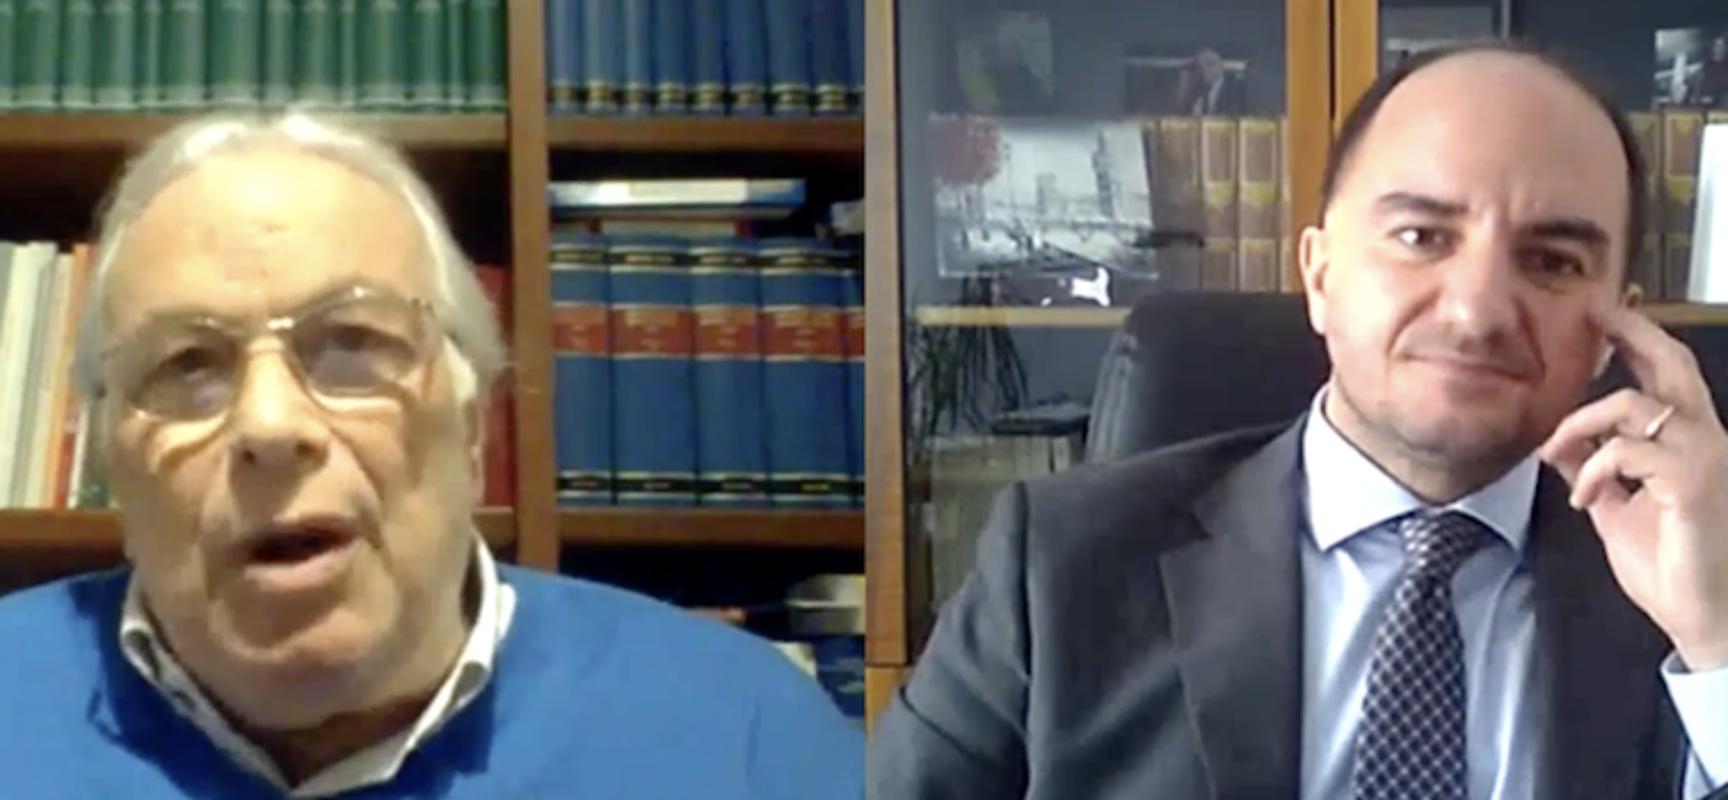 Associazione Avvocati Bisceglie organizza incontro in memoria di Giacinto Dell'Olio / VIDEO